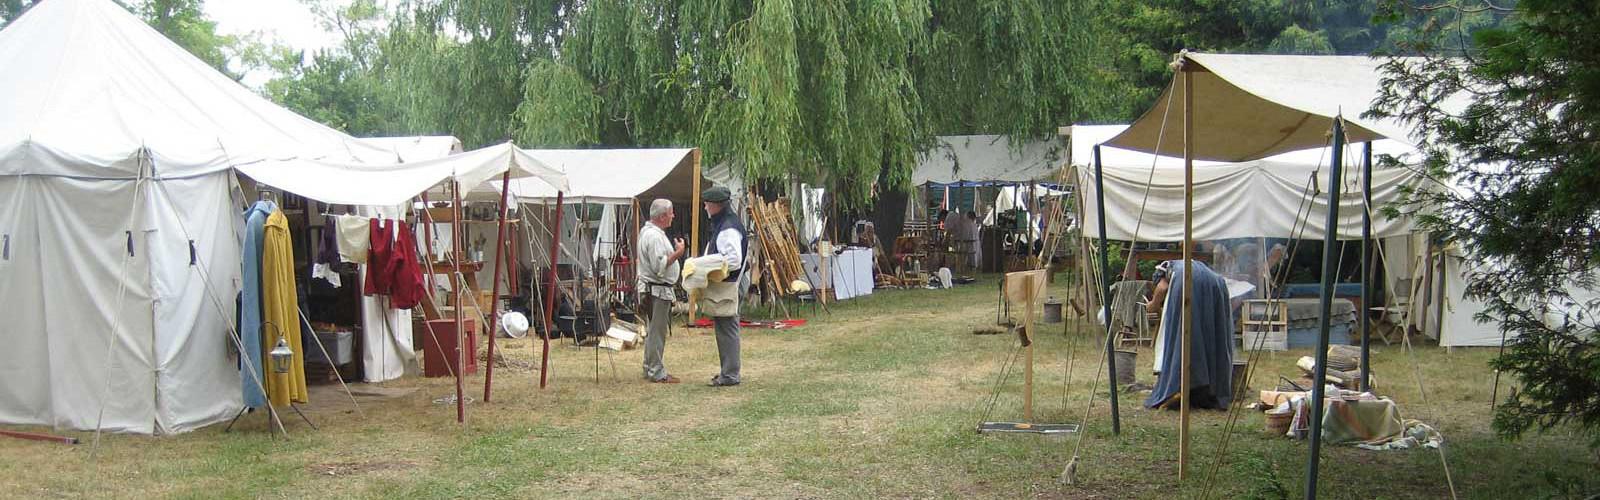 Wasaga Under Siege: River Run, 2011 - Main Encampment